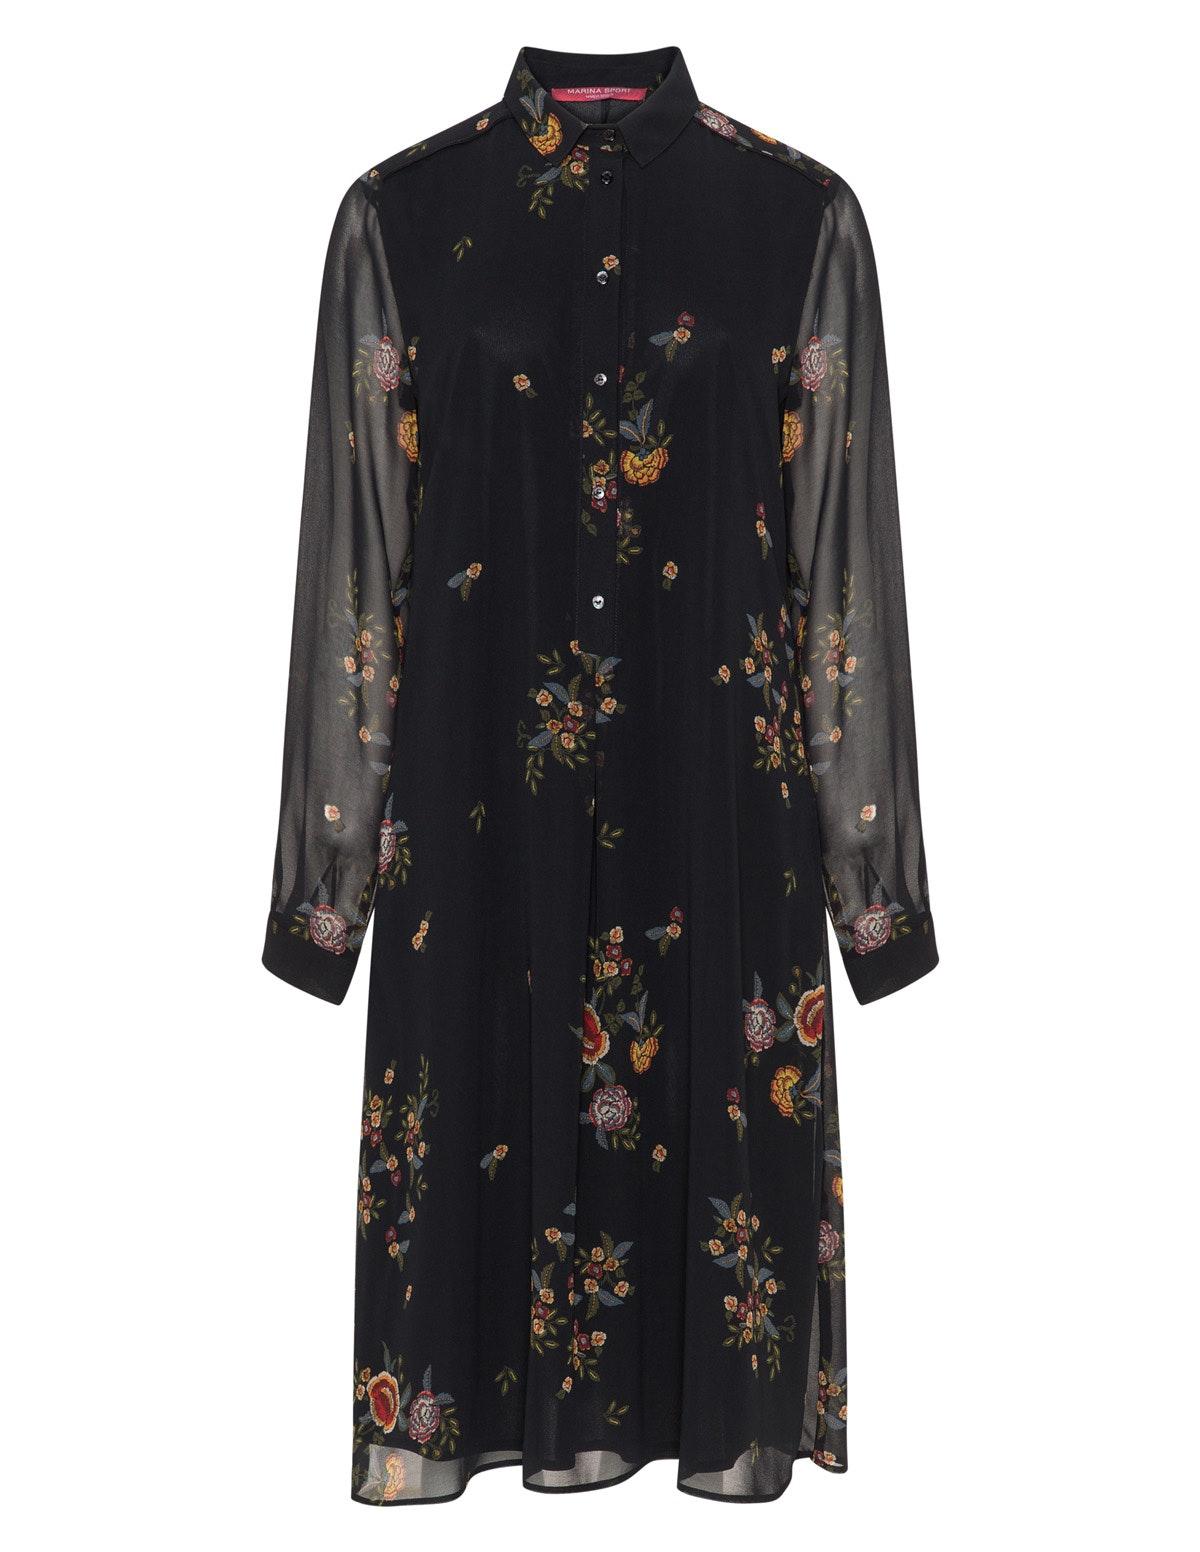 Marina Rinaldi Sport Floral Chiffon Dress